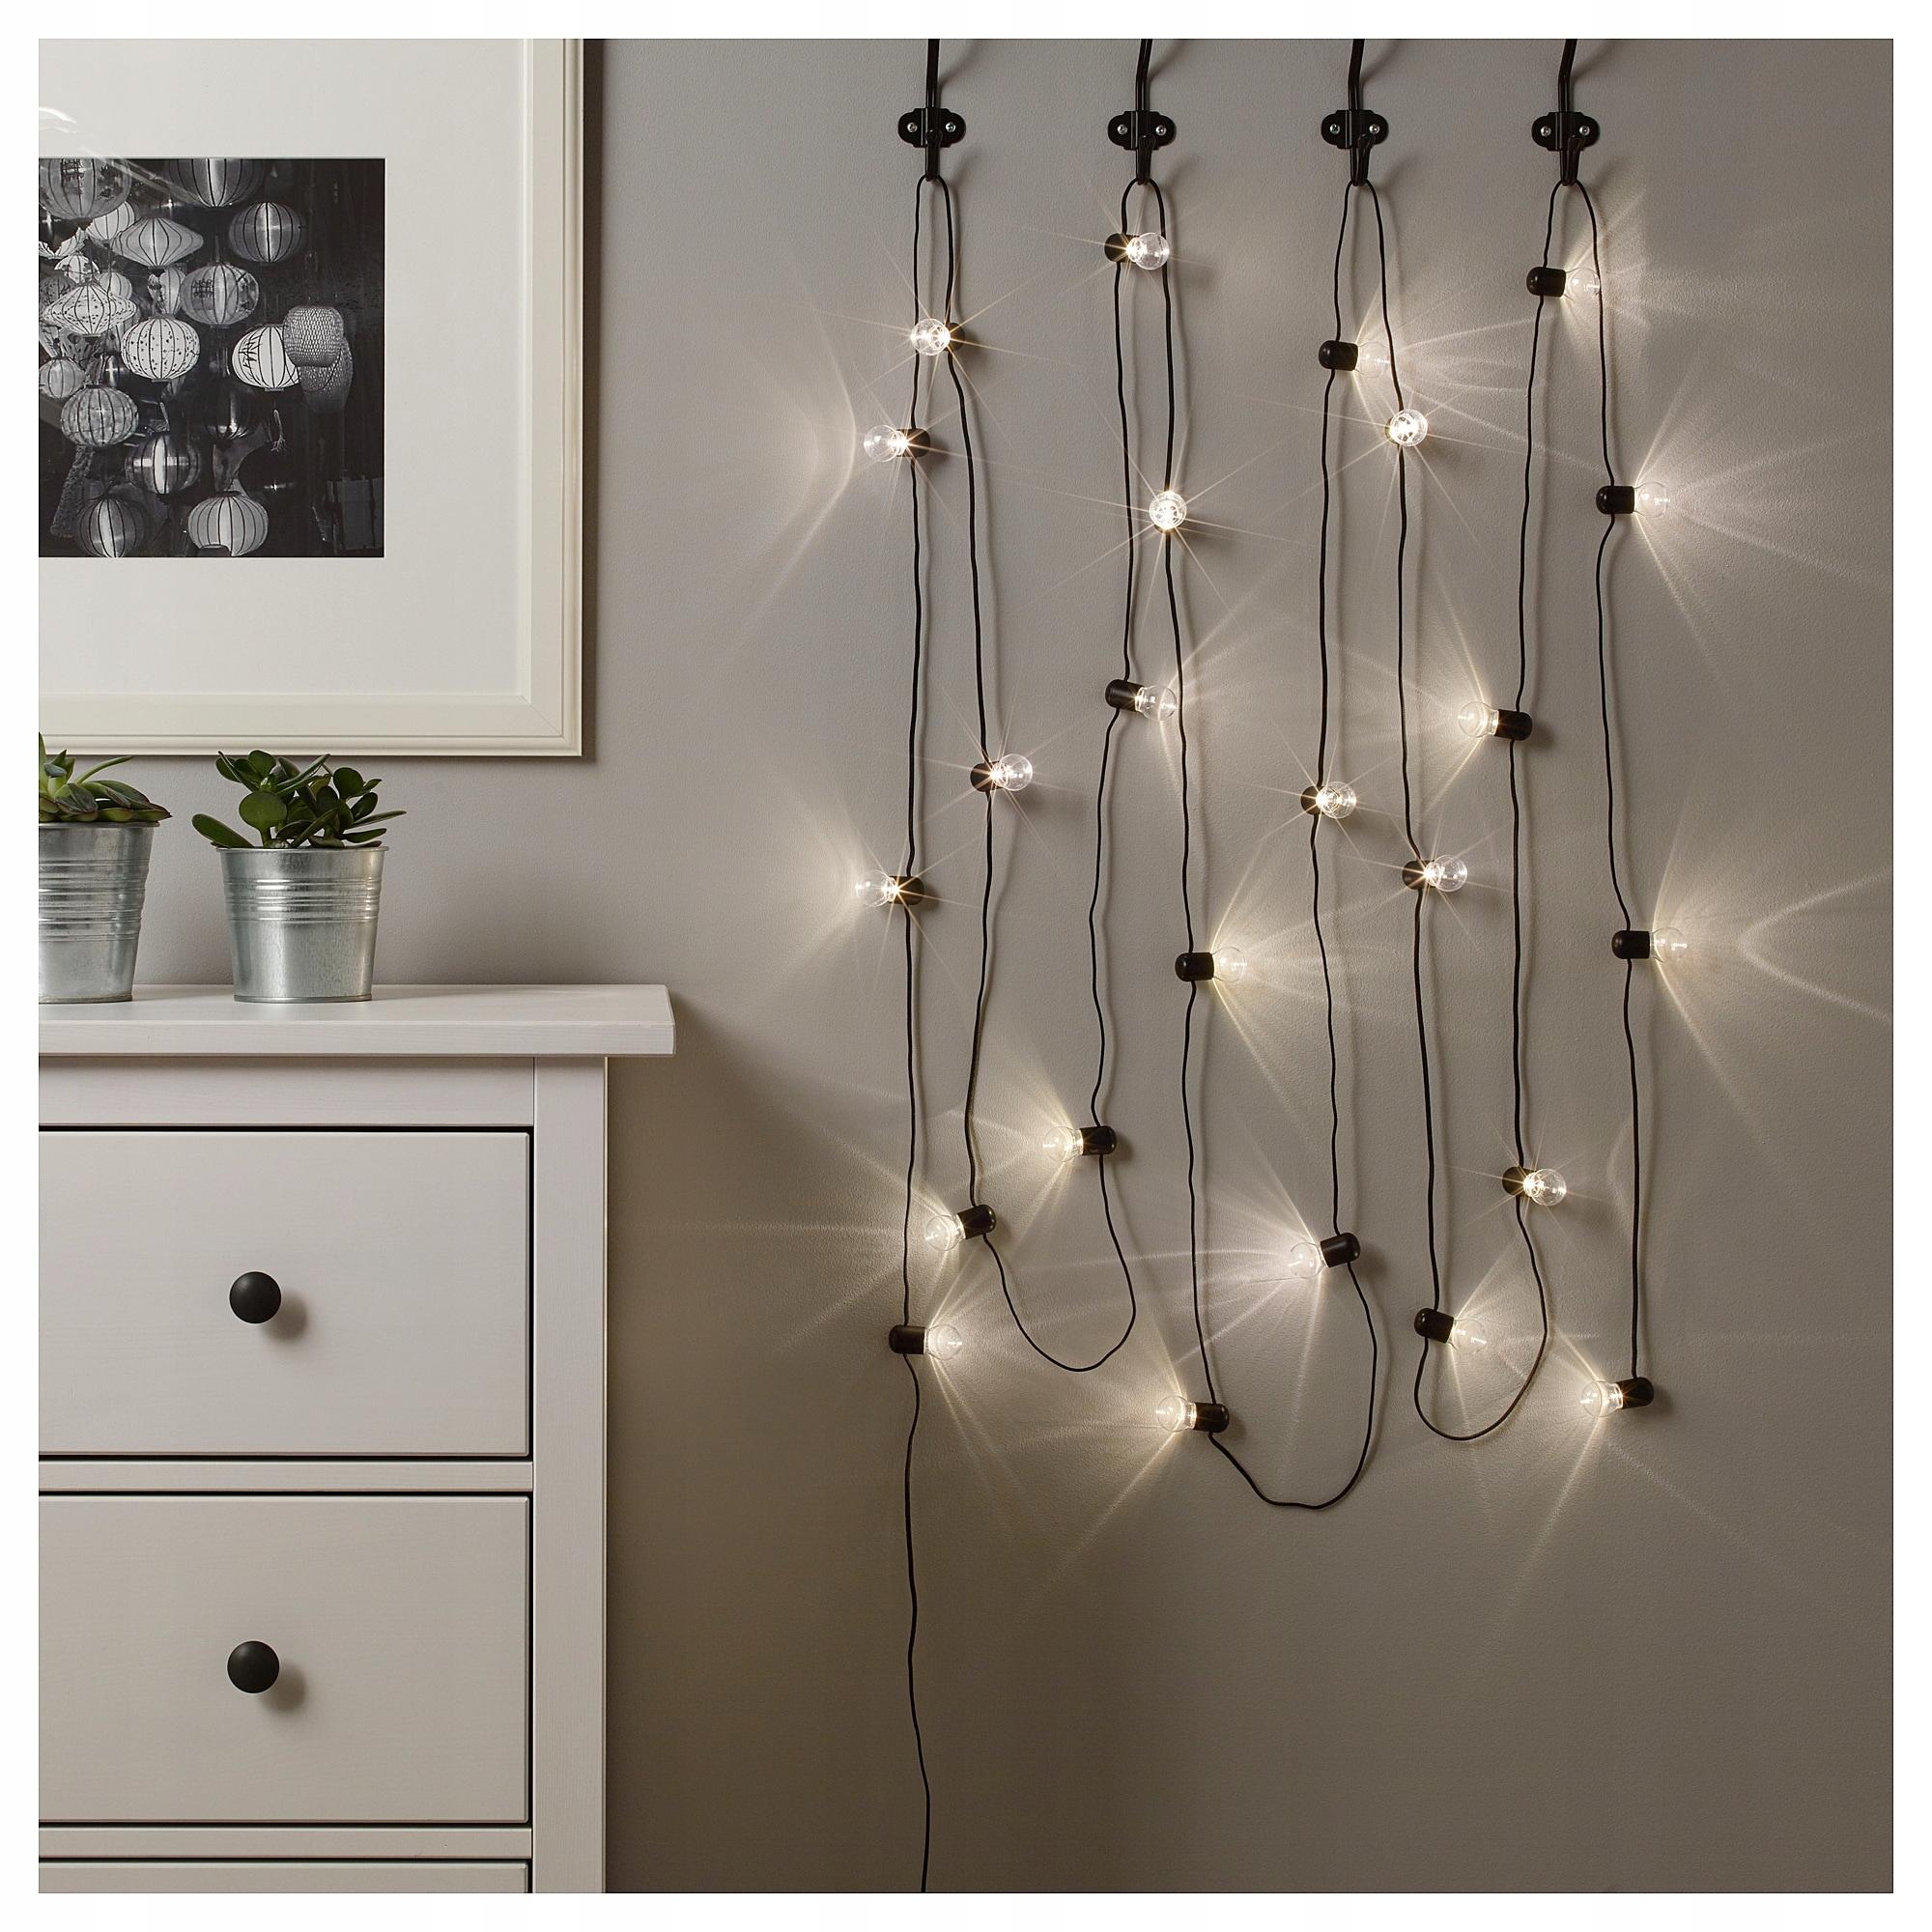 Ikea Blotsno Oświetlenie Led 24 Diod Do Wnętrz